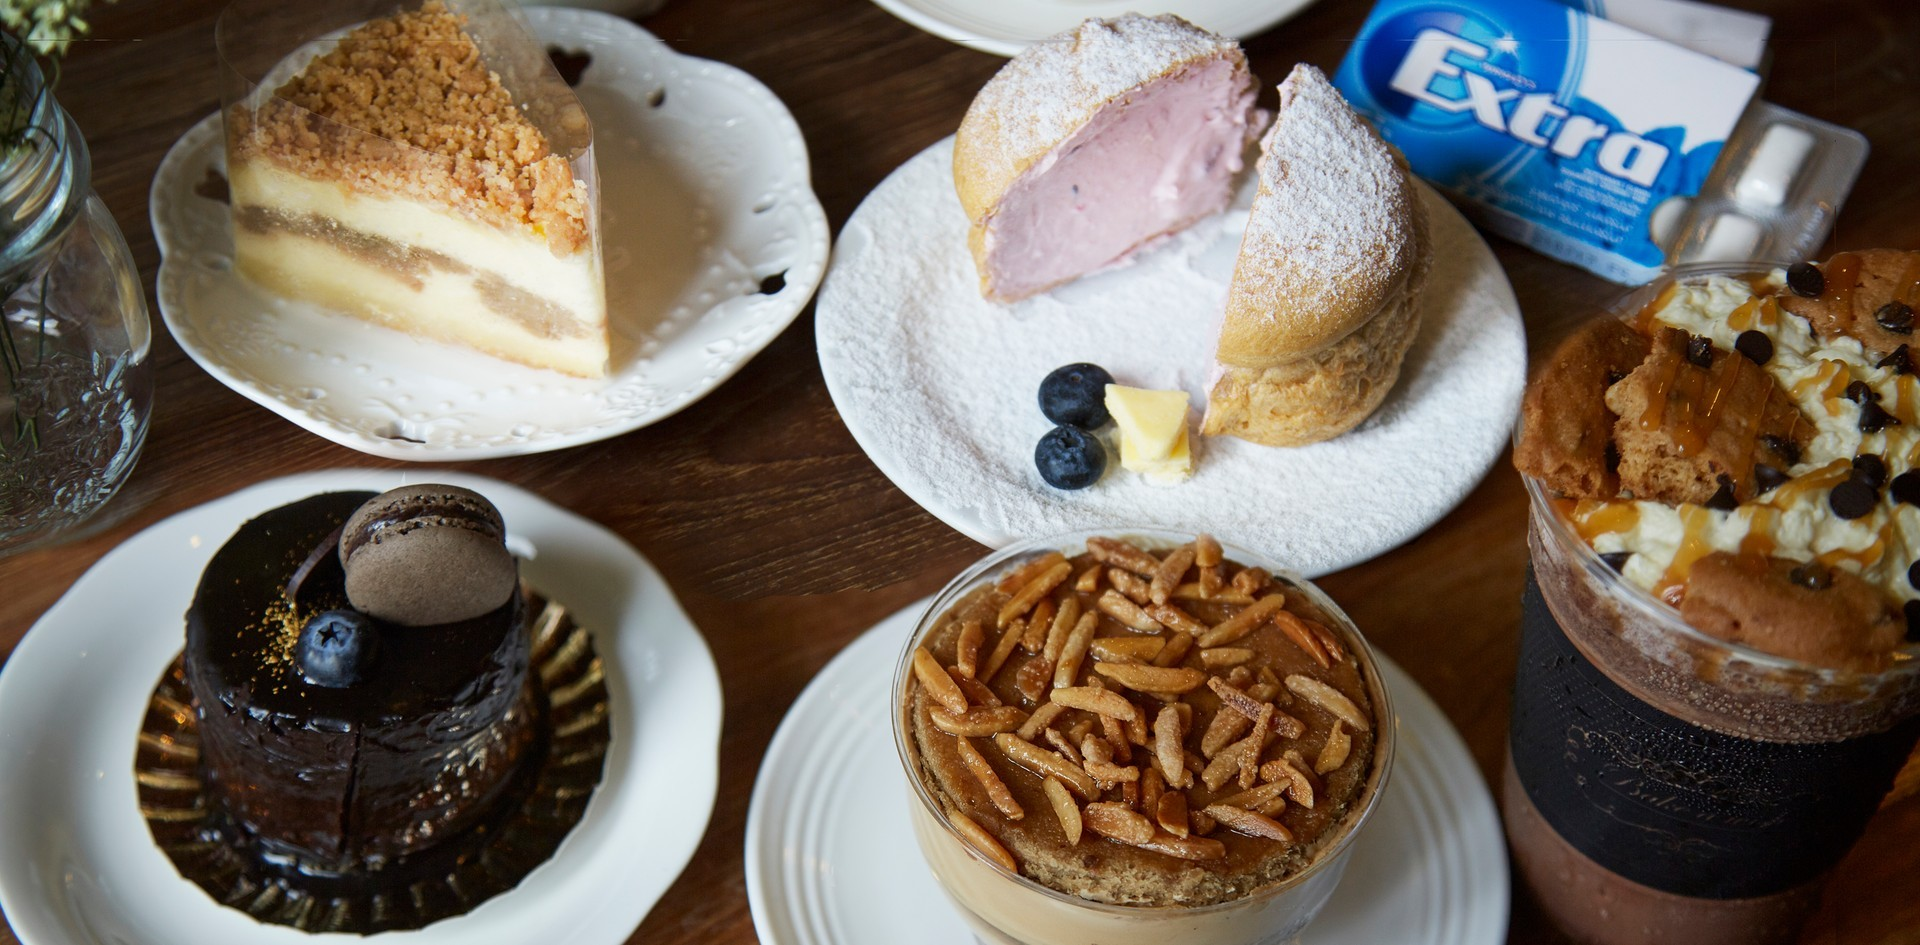 """เบาหวานขึ้นตาจะกี่จานก็โนแคร์ """"Bake a wish"""" ร้านขนม Top List ในดวงใจ"""